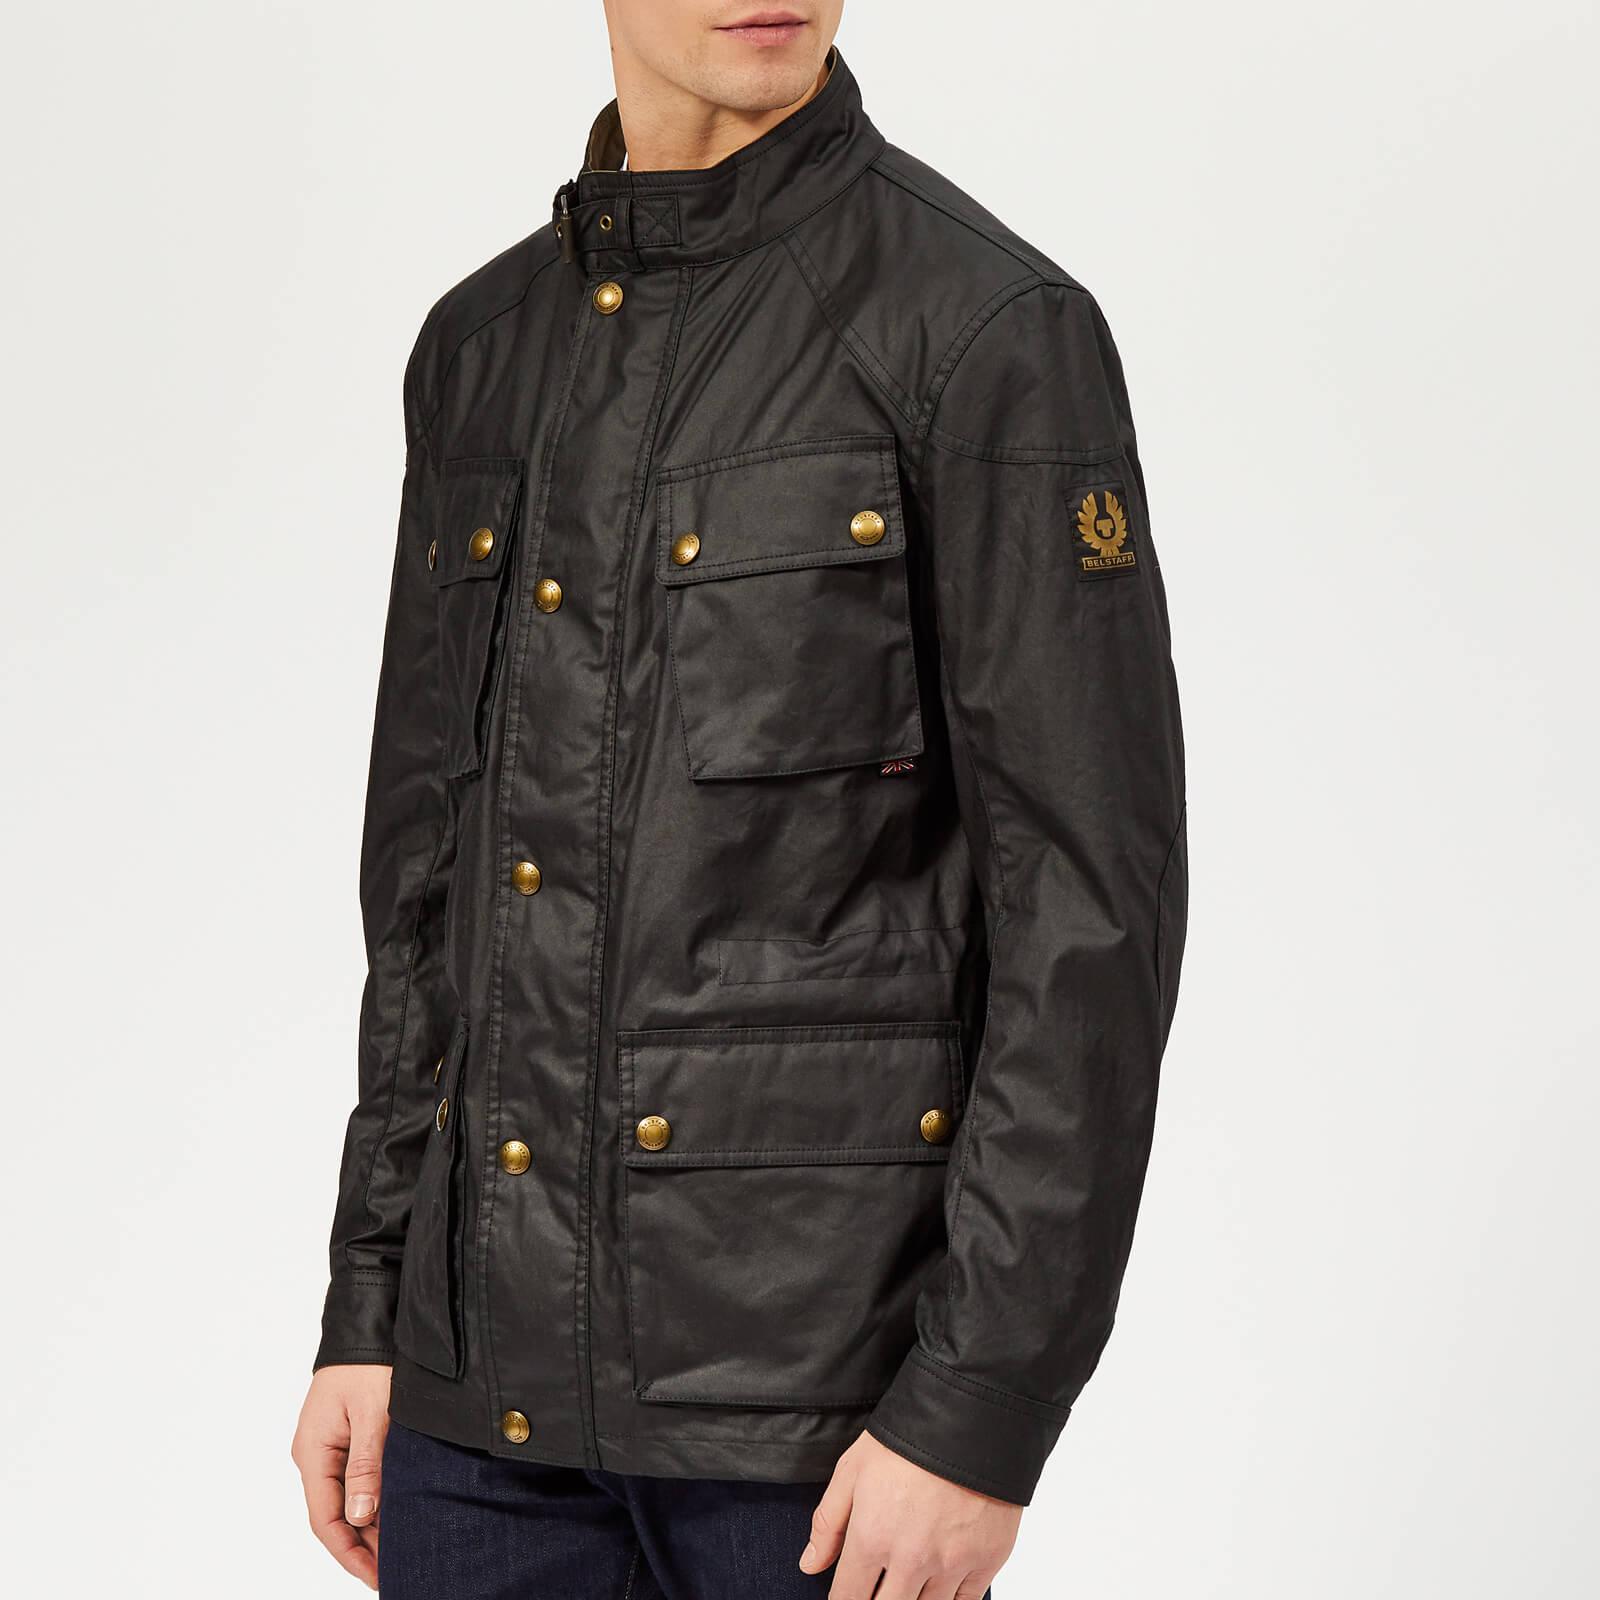 2ed7dc3469 Belstaff Men's Fieldmaster Jacket - Black - Free UK Delivery over £50